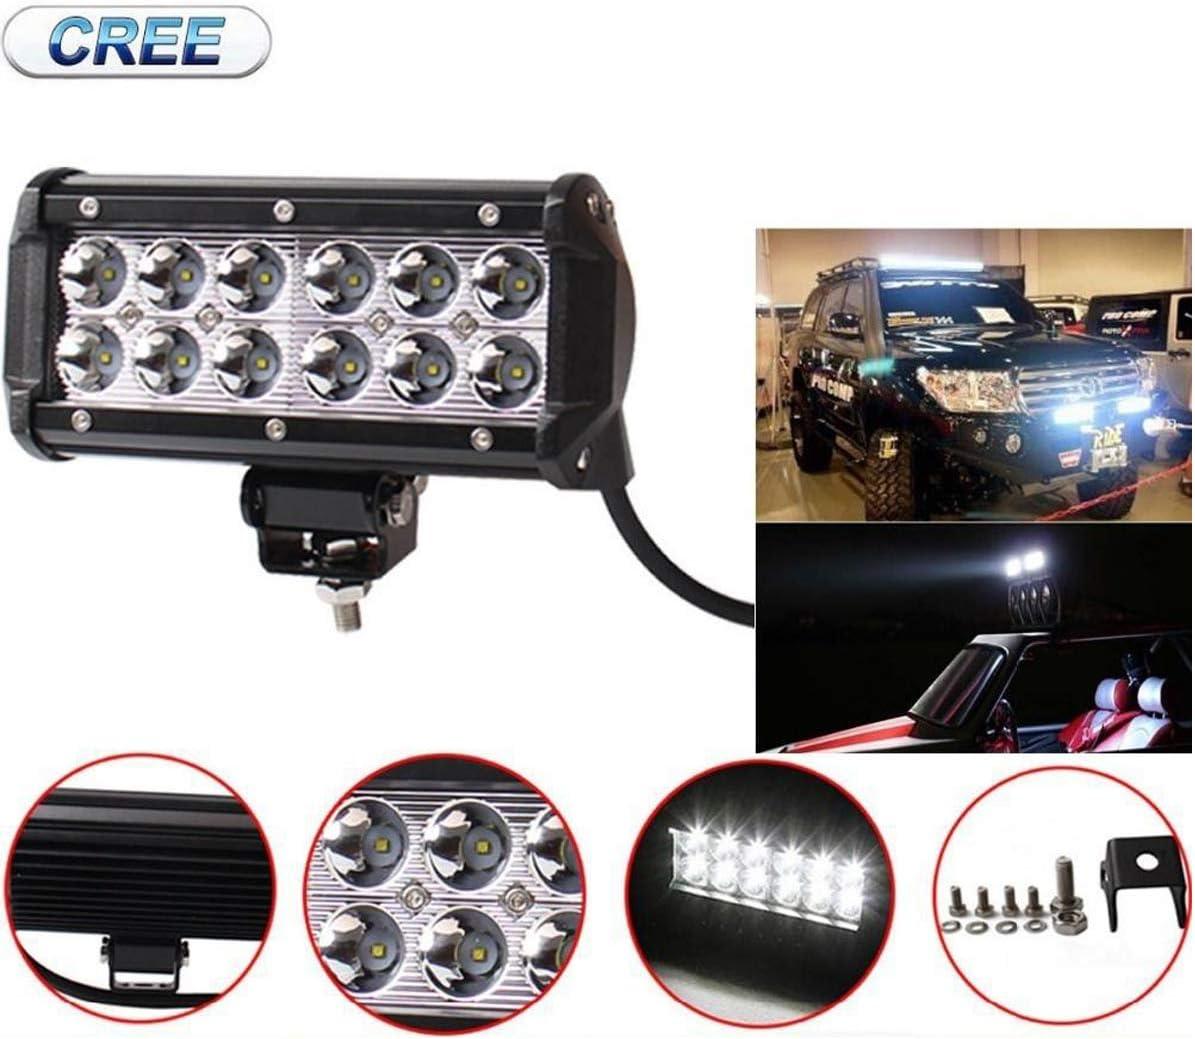 Willpower 6,5 Zoll 36W LED-Lichtleiste Flutlicht LED-Arbeitsscheinwerfer IP67 wasserdicht Offroad-Nebelscheinwerfer mit Montagehalterungen f/ür Pickup 4WD 4X4 SUV ATV UTV Traktorboot 2 St/ück